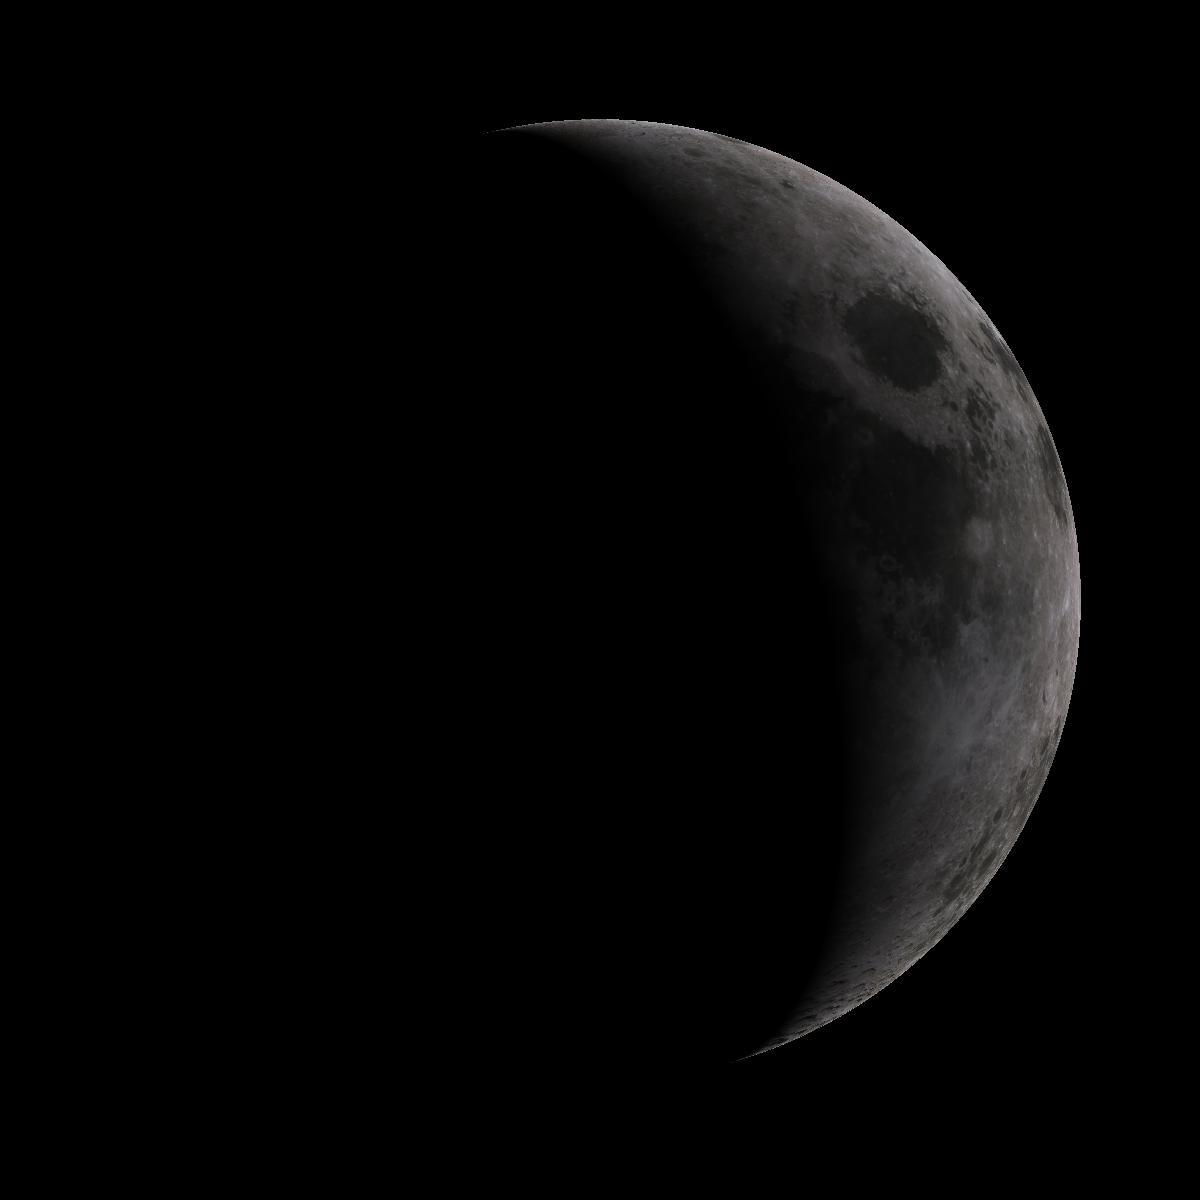 Lune du 4 septembre 2019